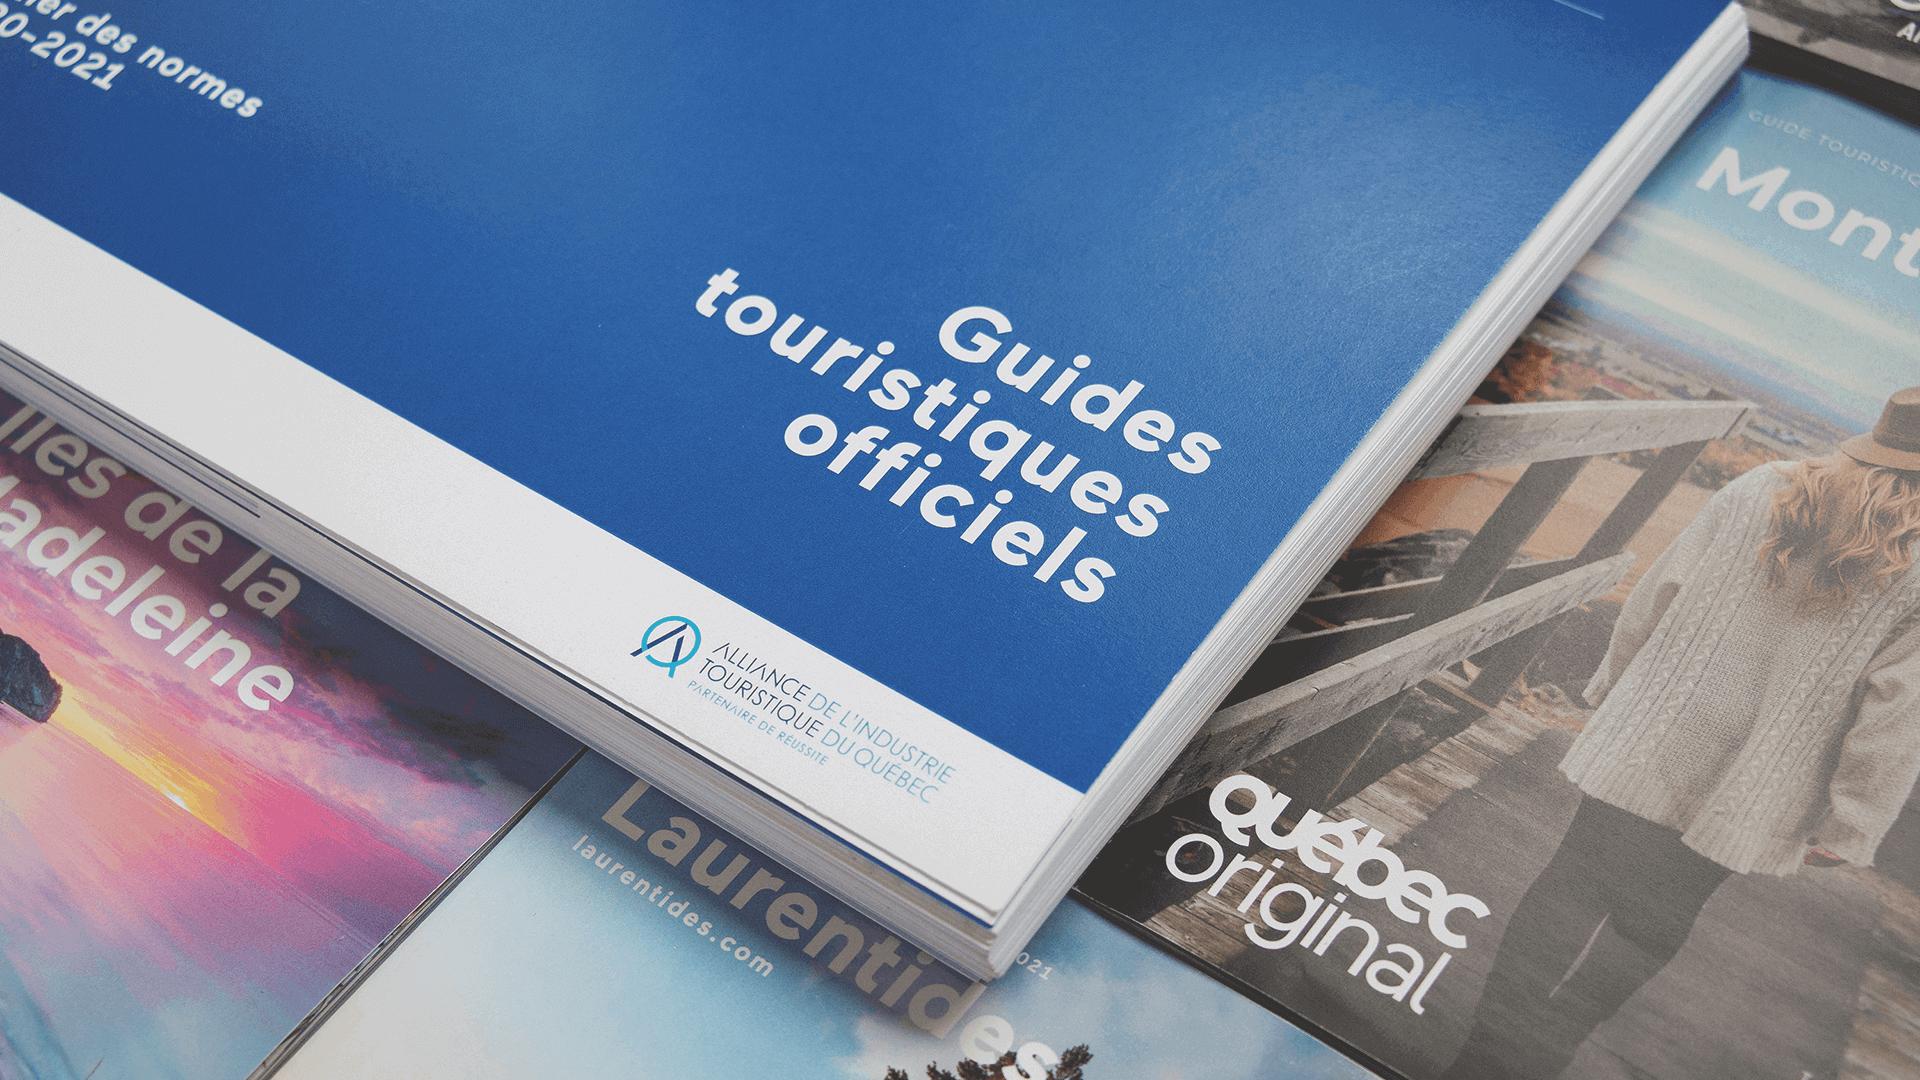 Cahier de normes graphiques   Guides touristiques officiels 2020-2021   Alliance de l'industrie touristique du Québec